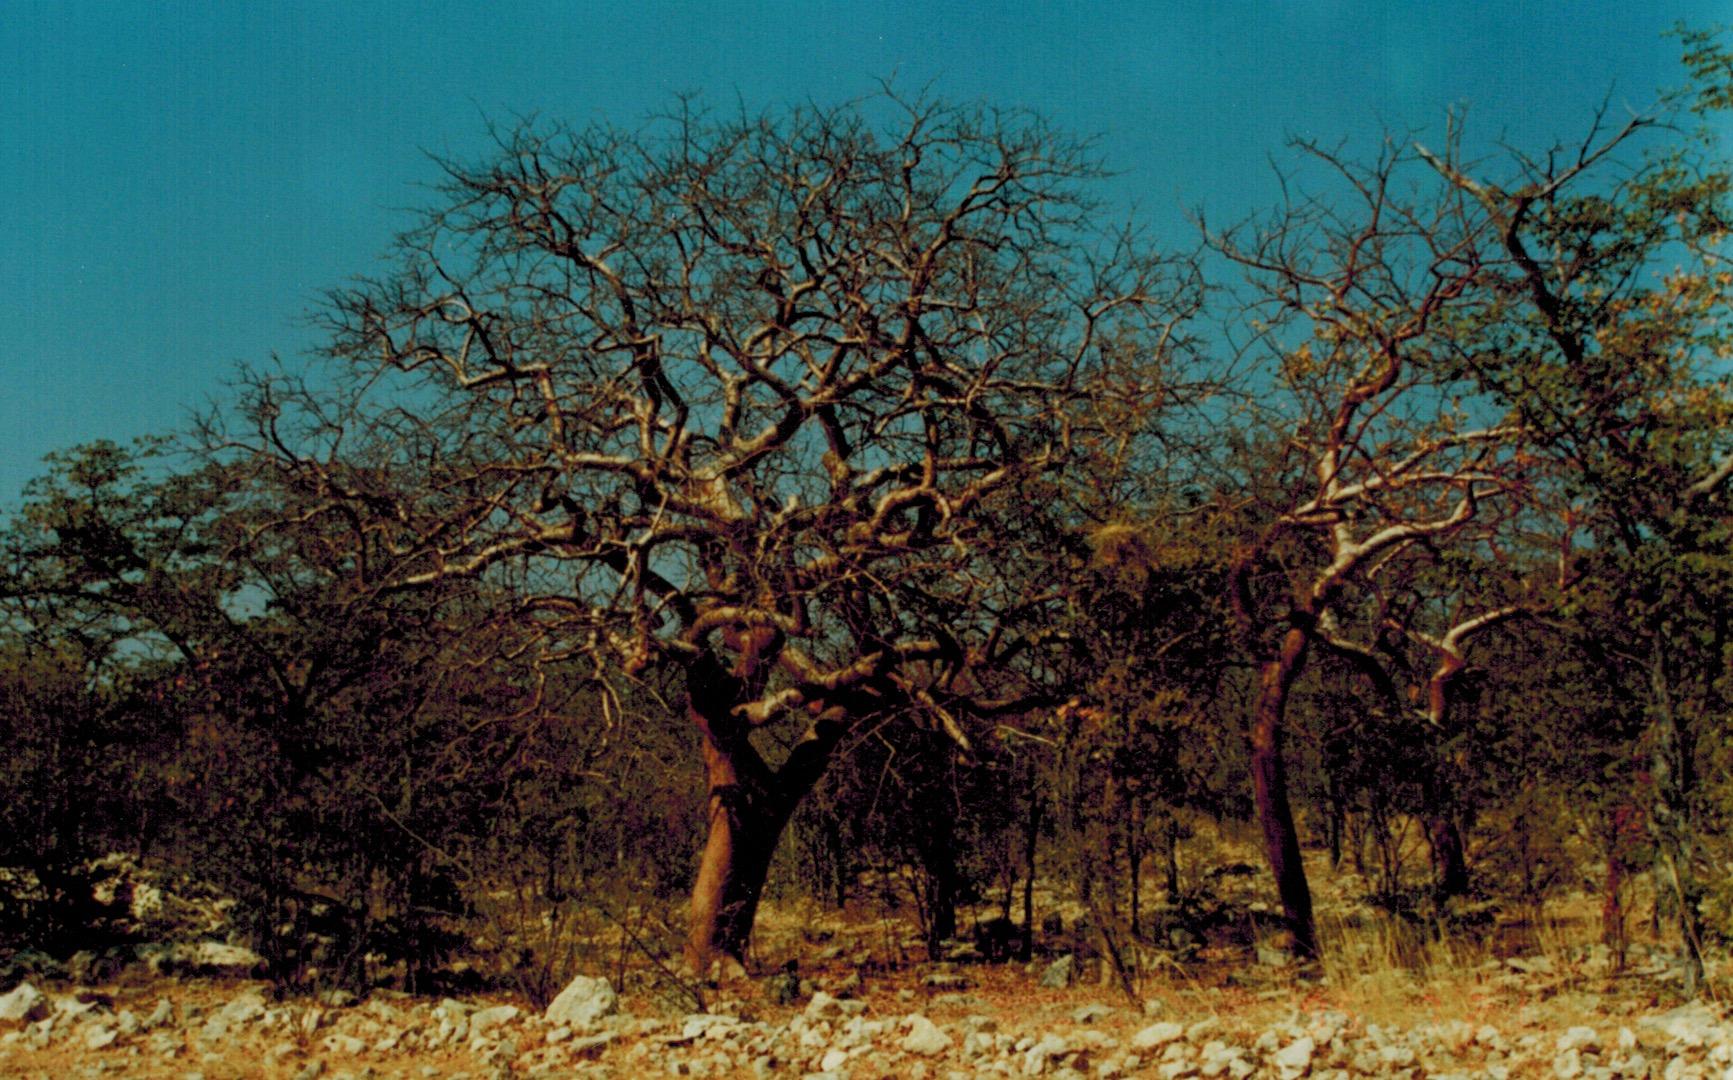 Namibia_w_puita.jpeg